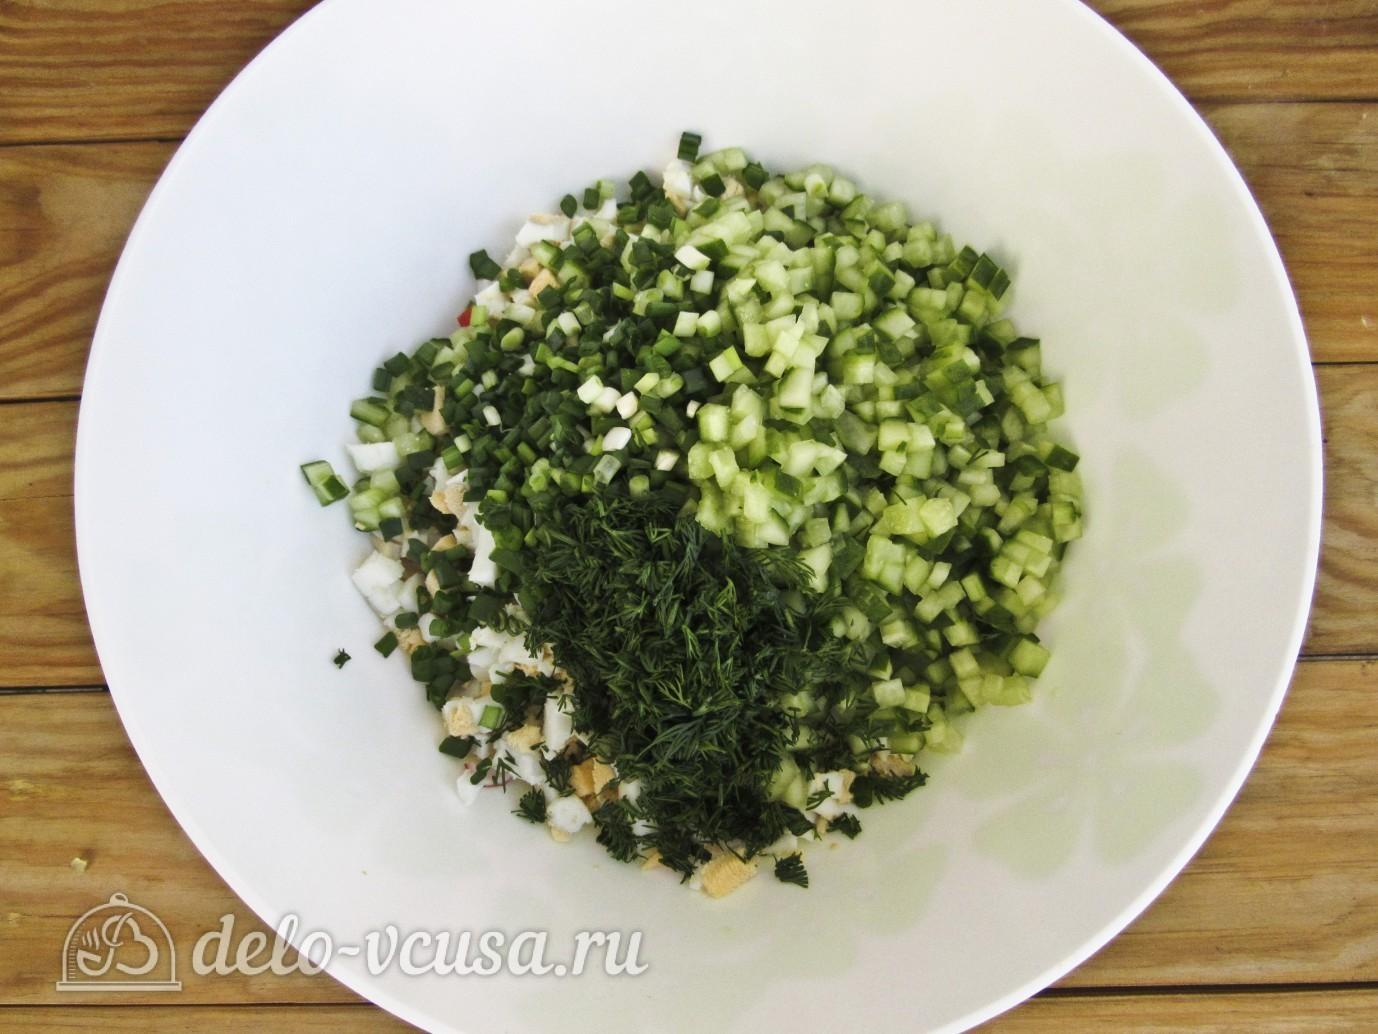 Крабовый салат с огурцом: Нарезаем зеленый лук и укроп